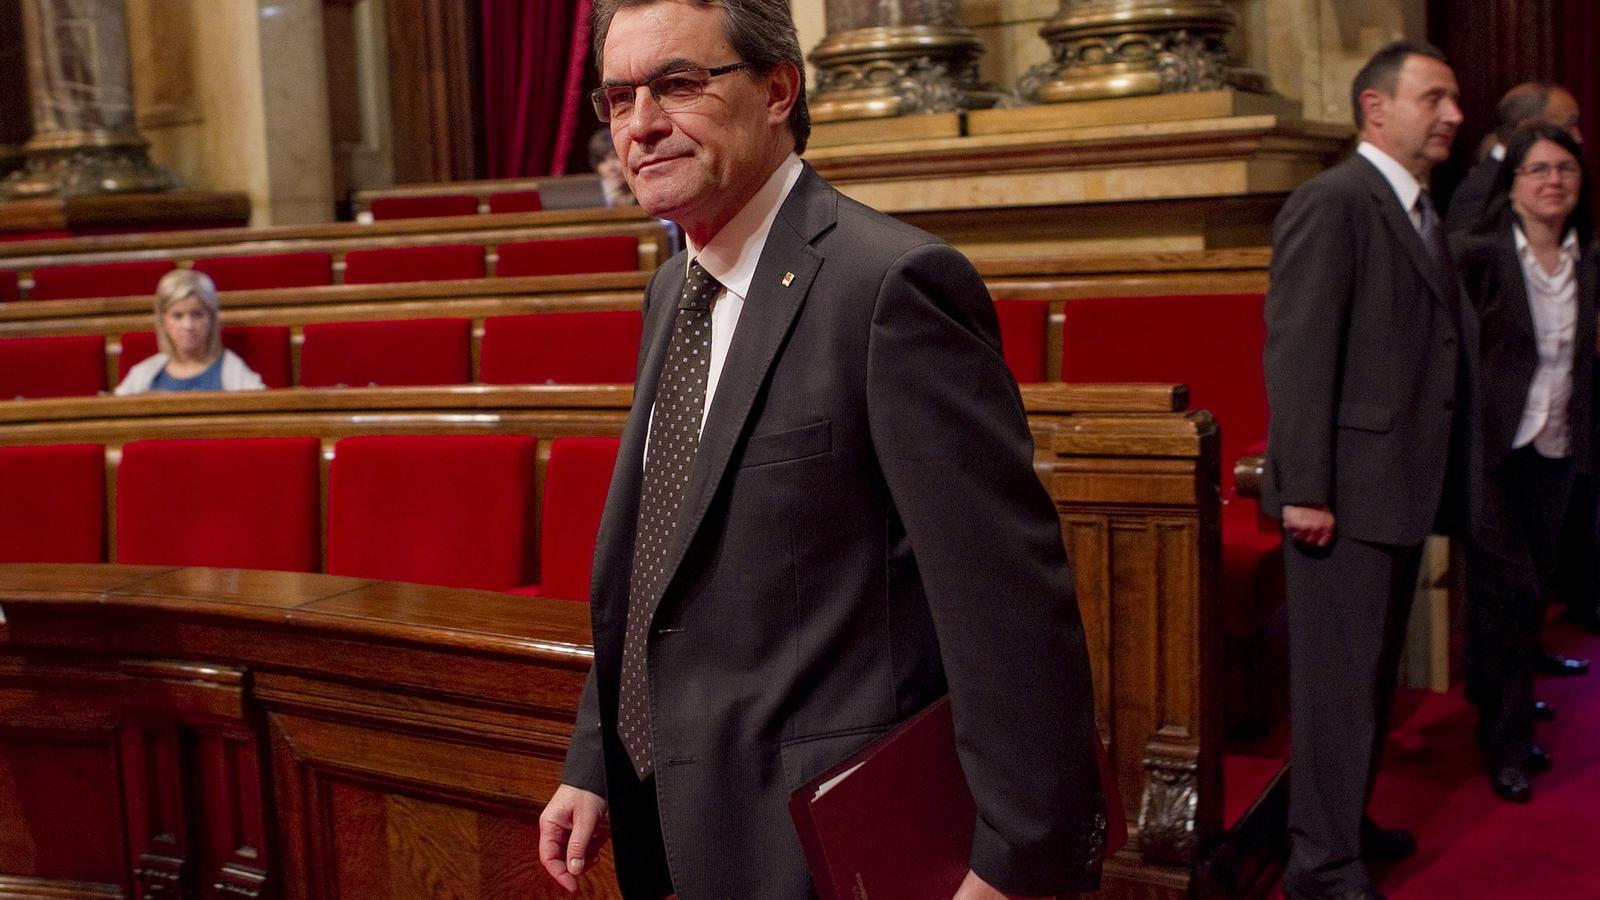 RUMB A UN FRONT MÉS AMPLI  Artur Mas va oferir ahir la seva versió més pactista al ple del Parlament. Sense renunciar a l'objectiu que Catalunya tingui la clau de la caixa, el president va repartir joc per posar la pista d'aterratge a un acord més ampli pel pacte fiscal.